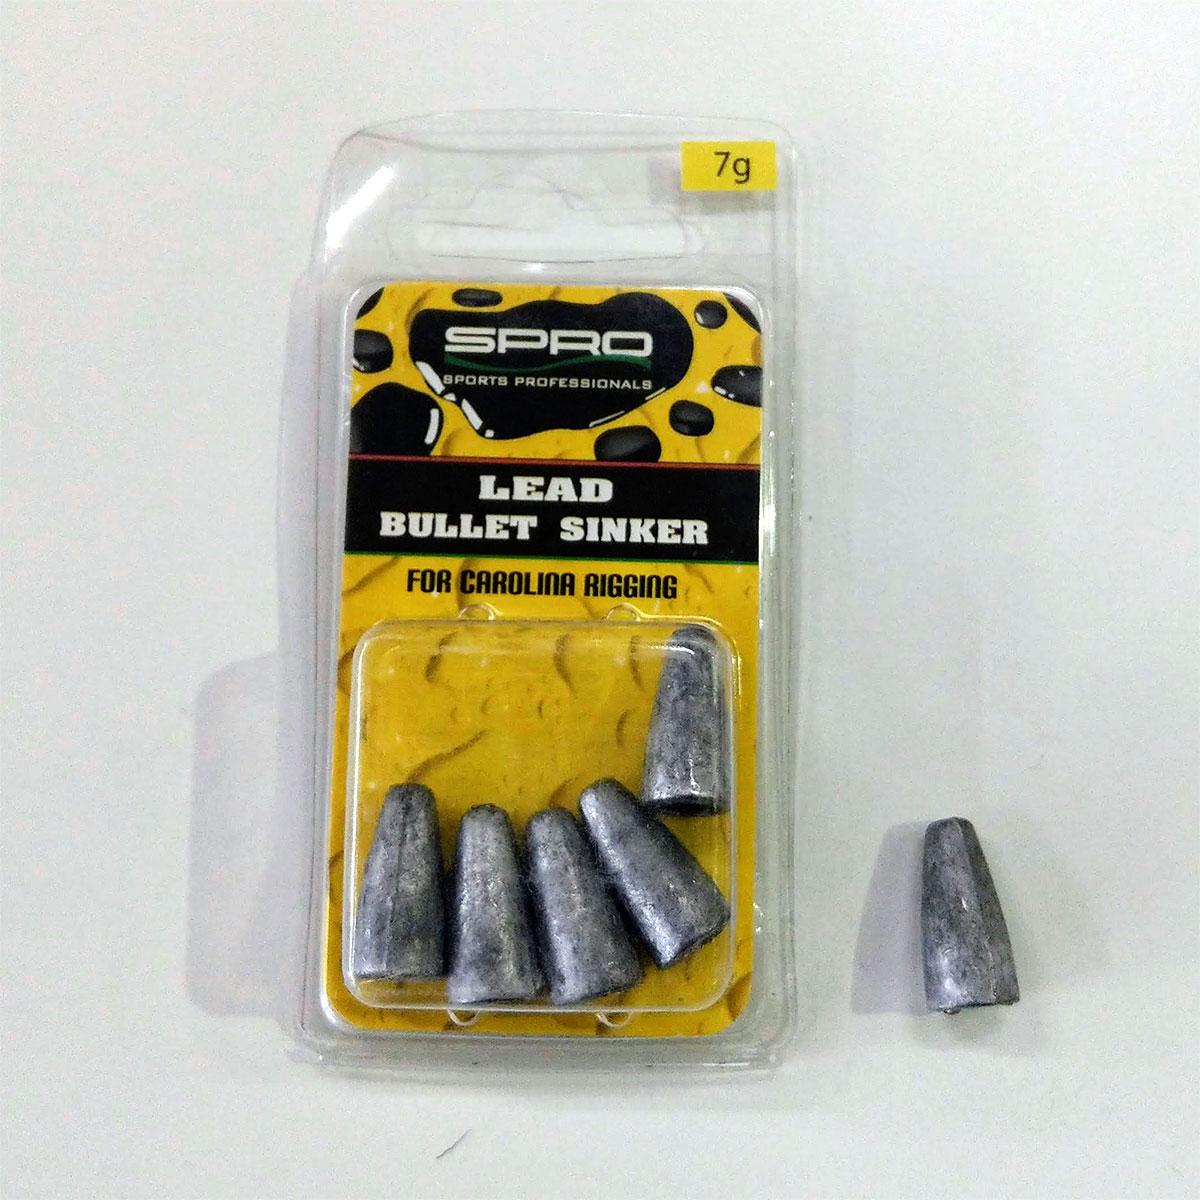 Lead Bullet sinker